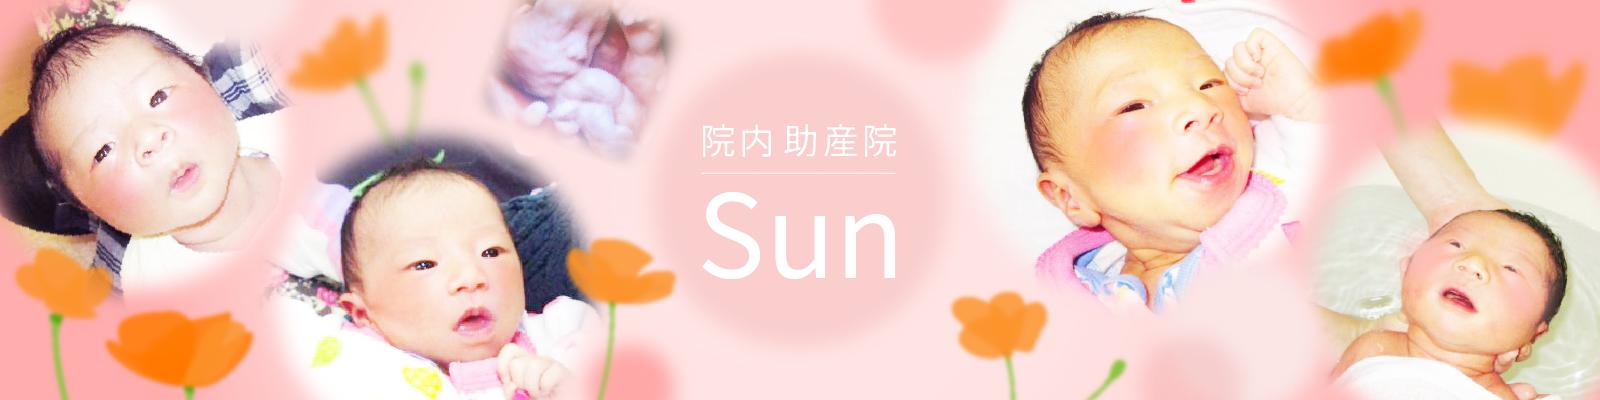 助産院Sunの赤ちゃんたちのバナー写真